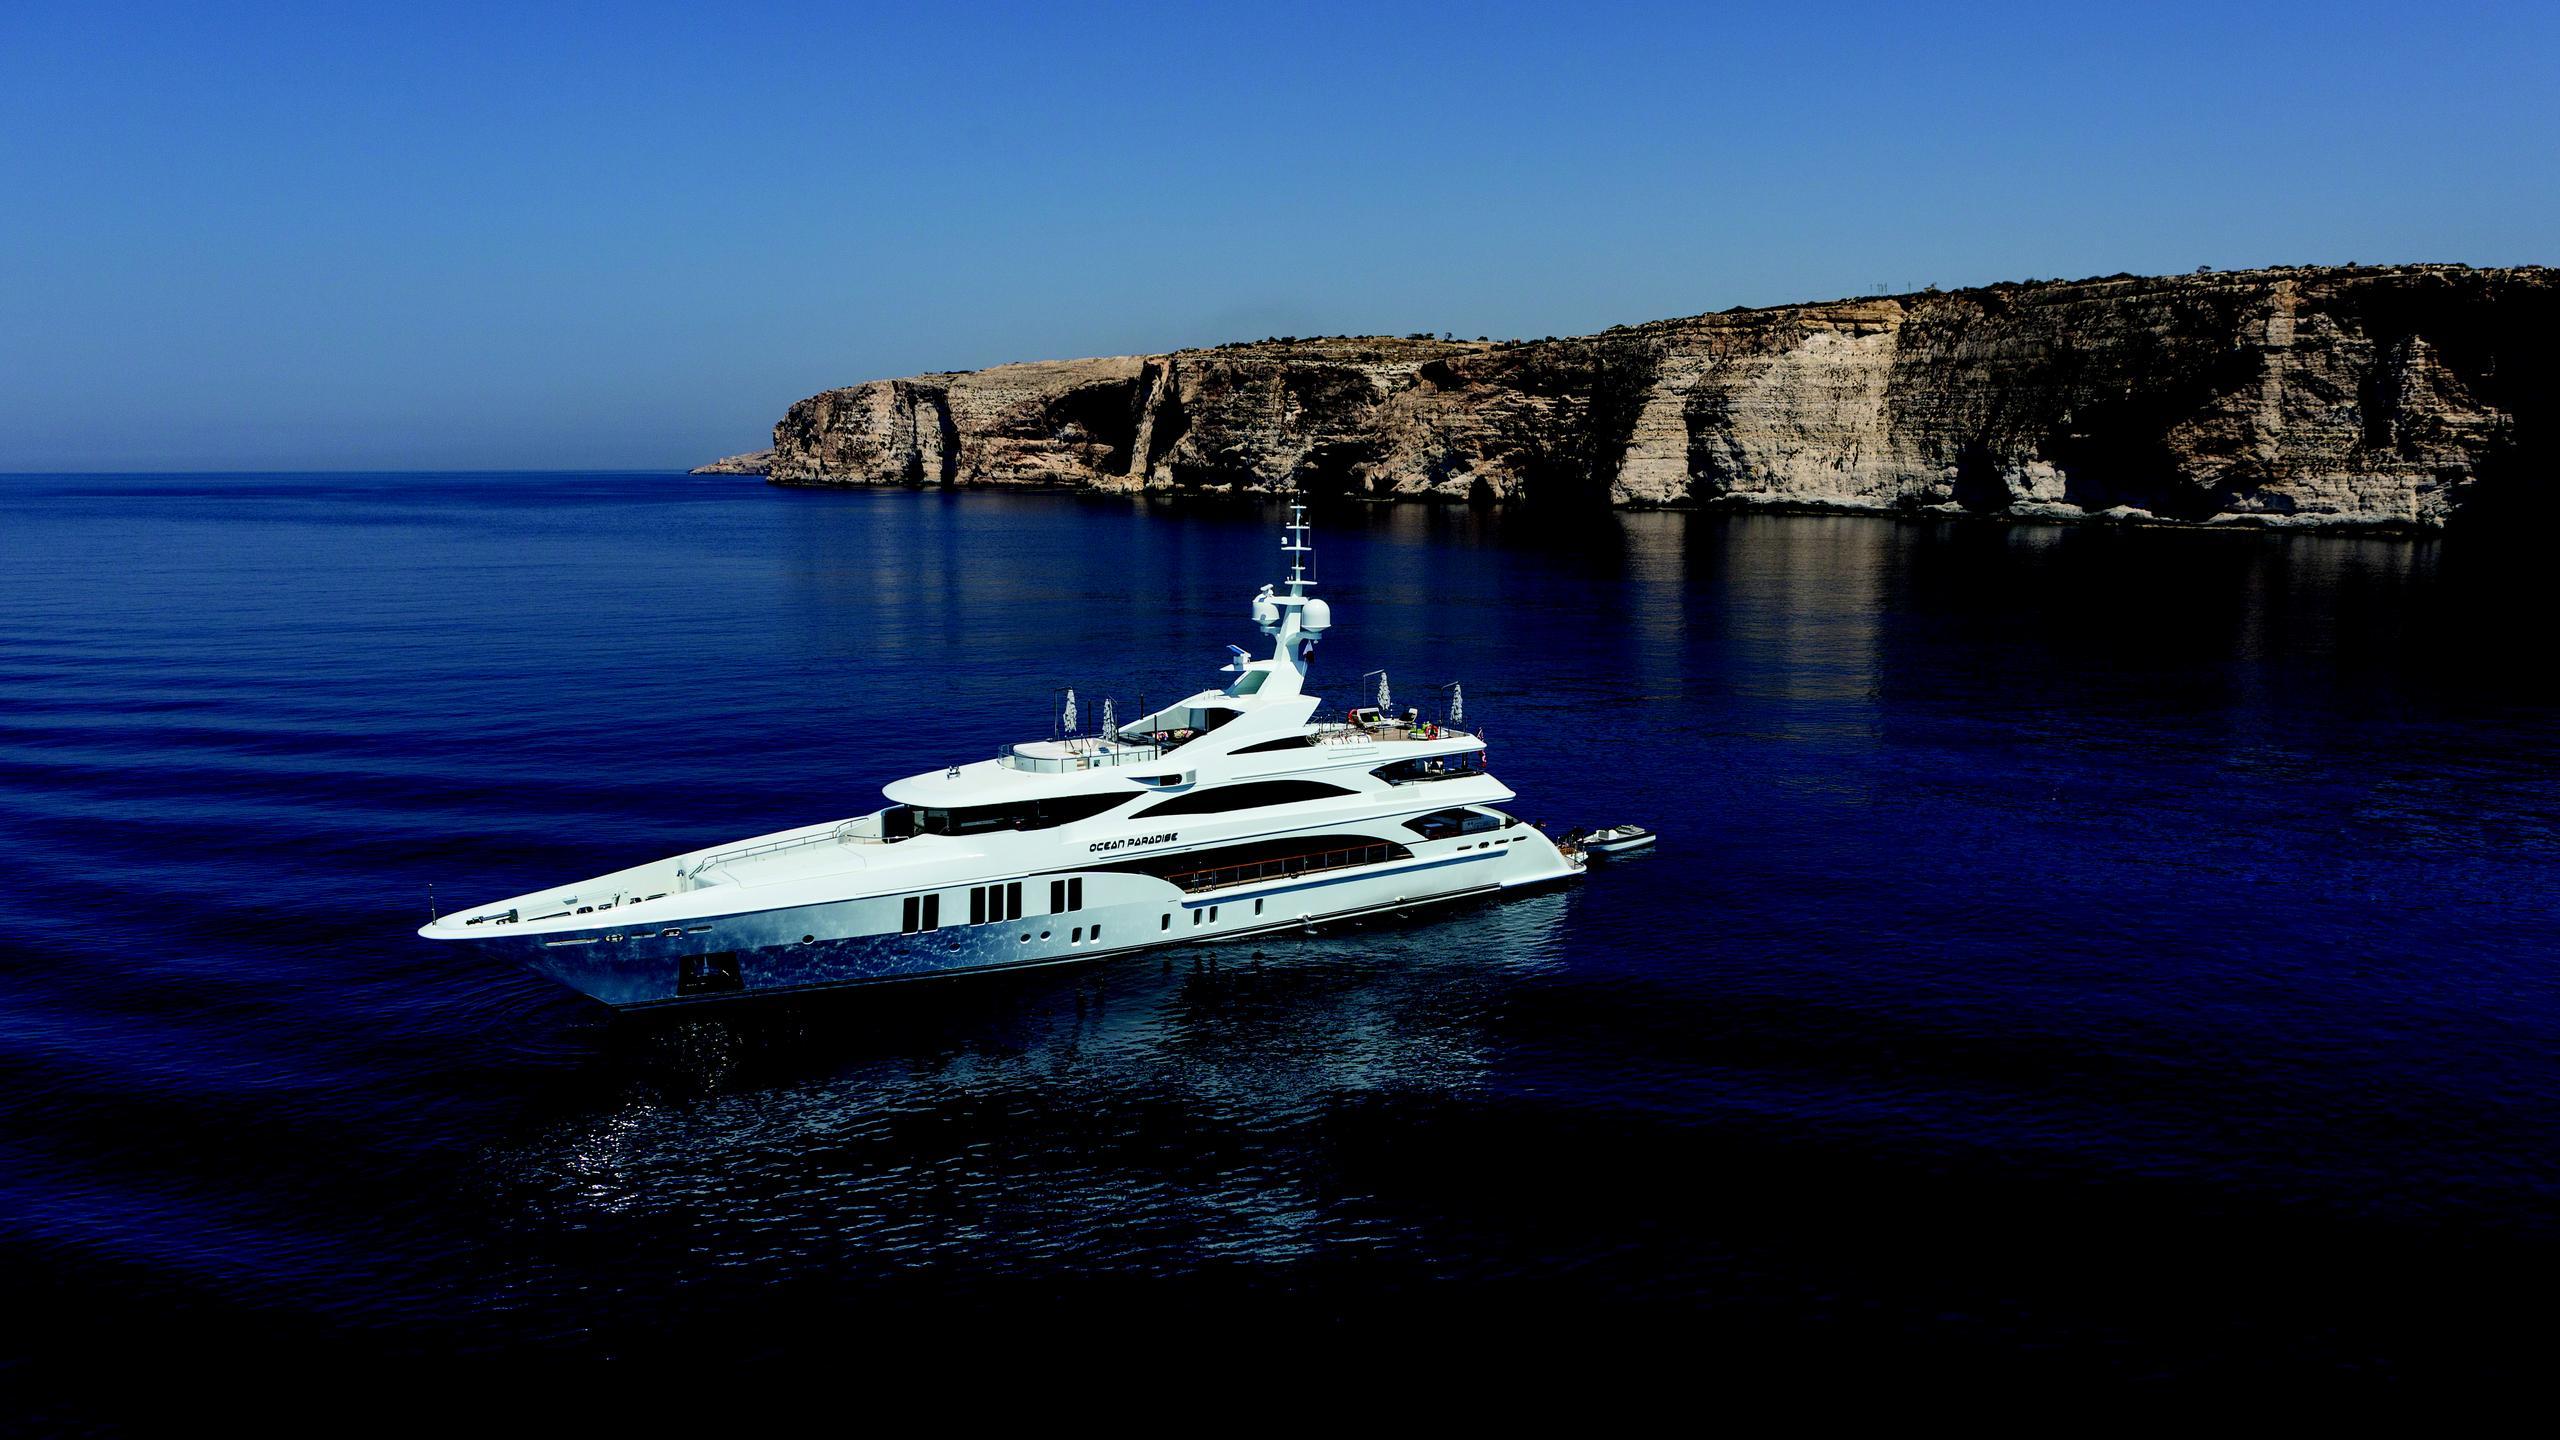 ocean-paradise-yacht-aerial